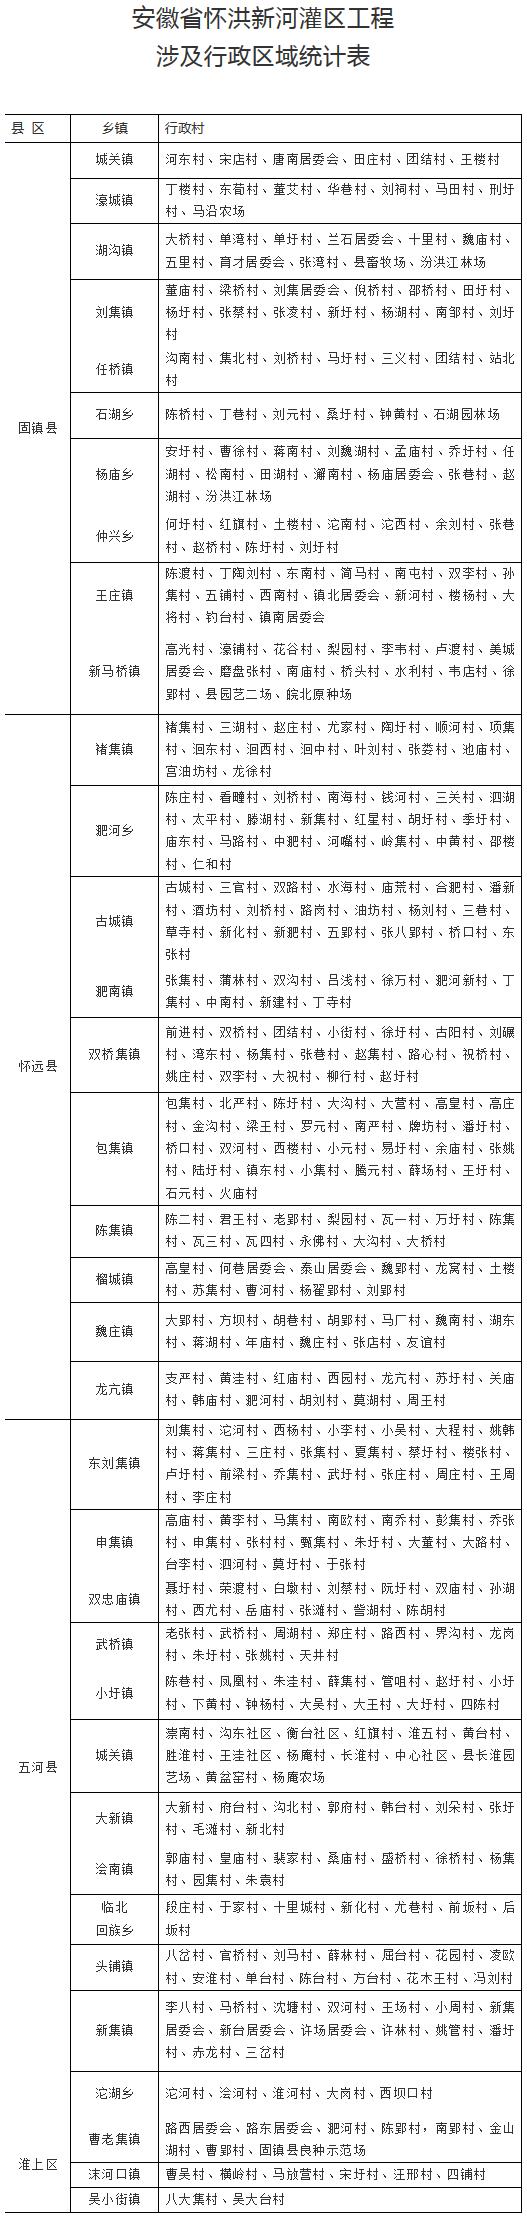 省政府通告!蚌埠这些地方停止新增建设项目和控制人口迁入